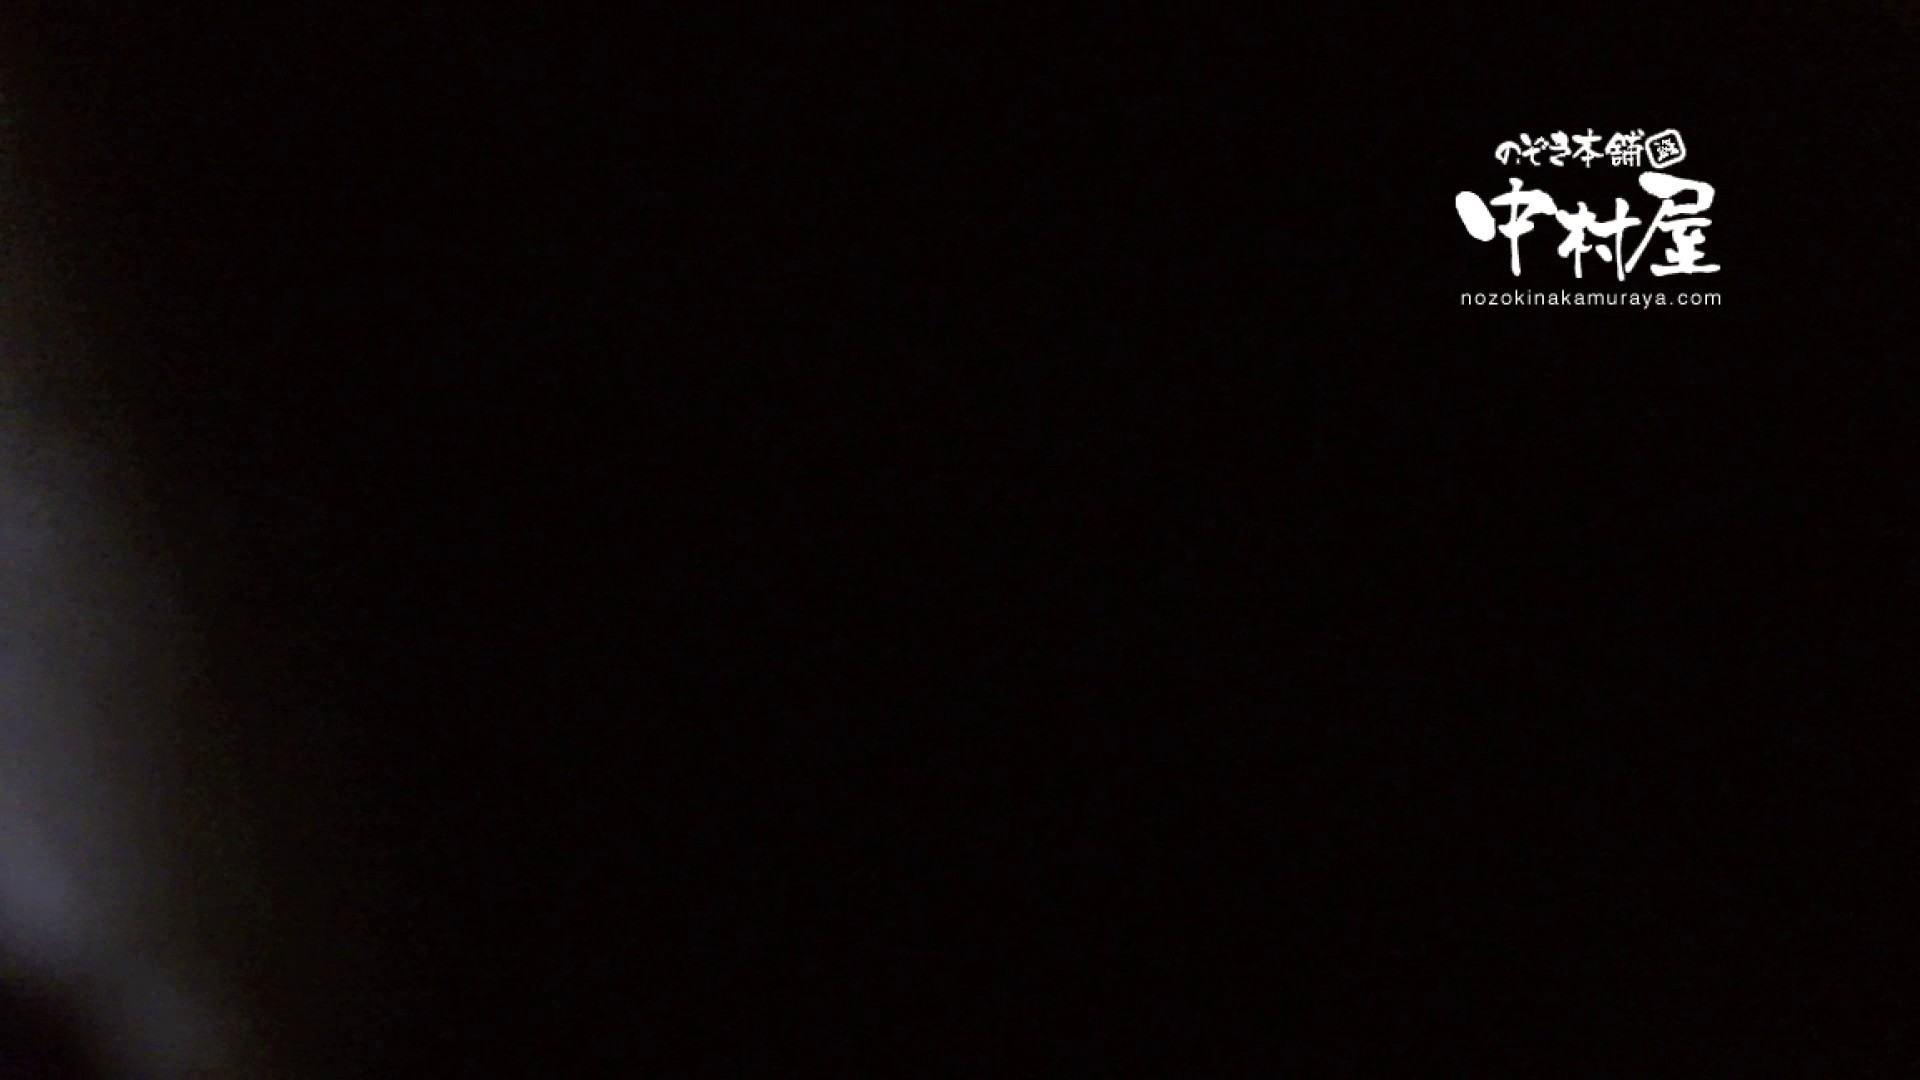 鬼畜 vol.15 ハスキーボイスで感じてんじゃねーよ! 前編 鬼畜  66画像 9